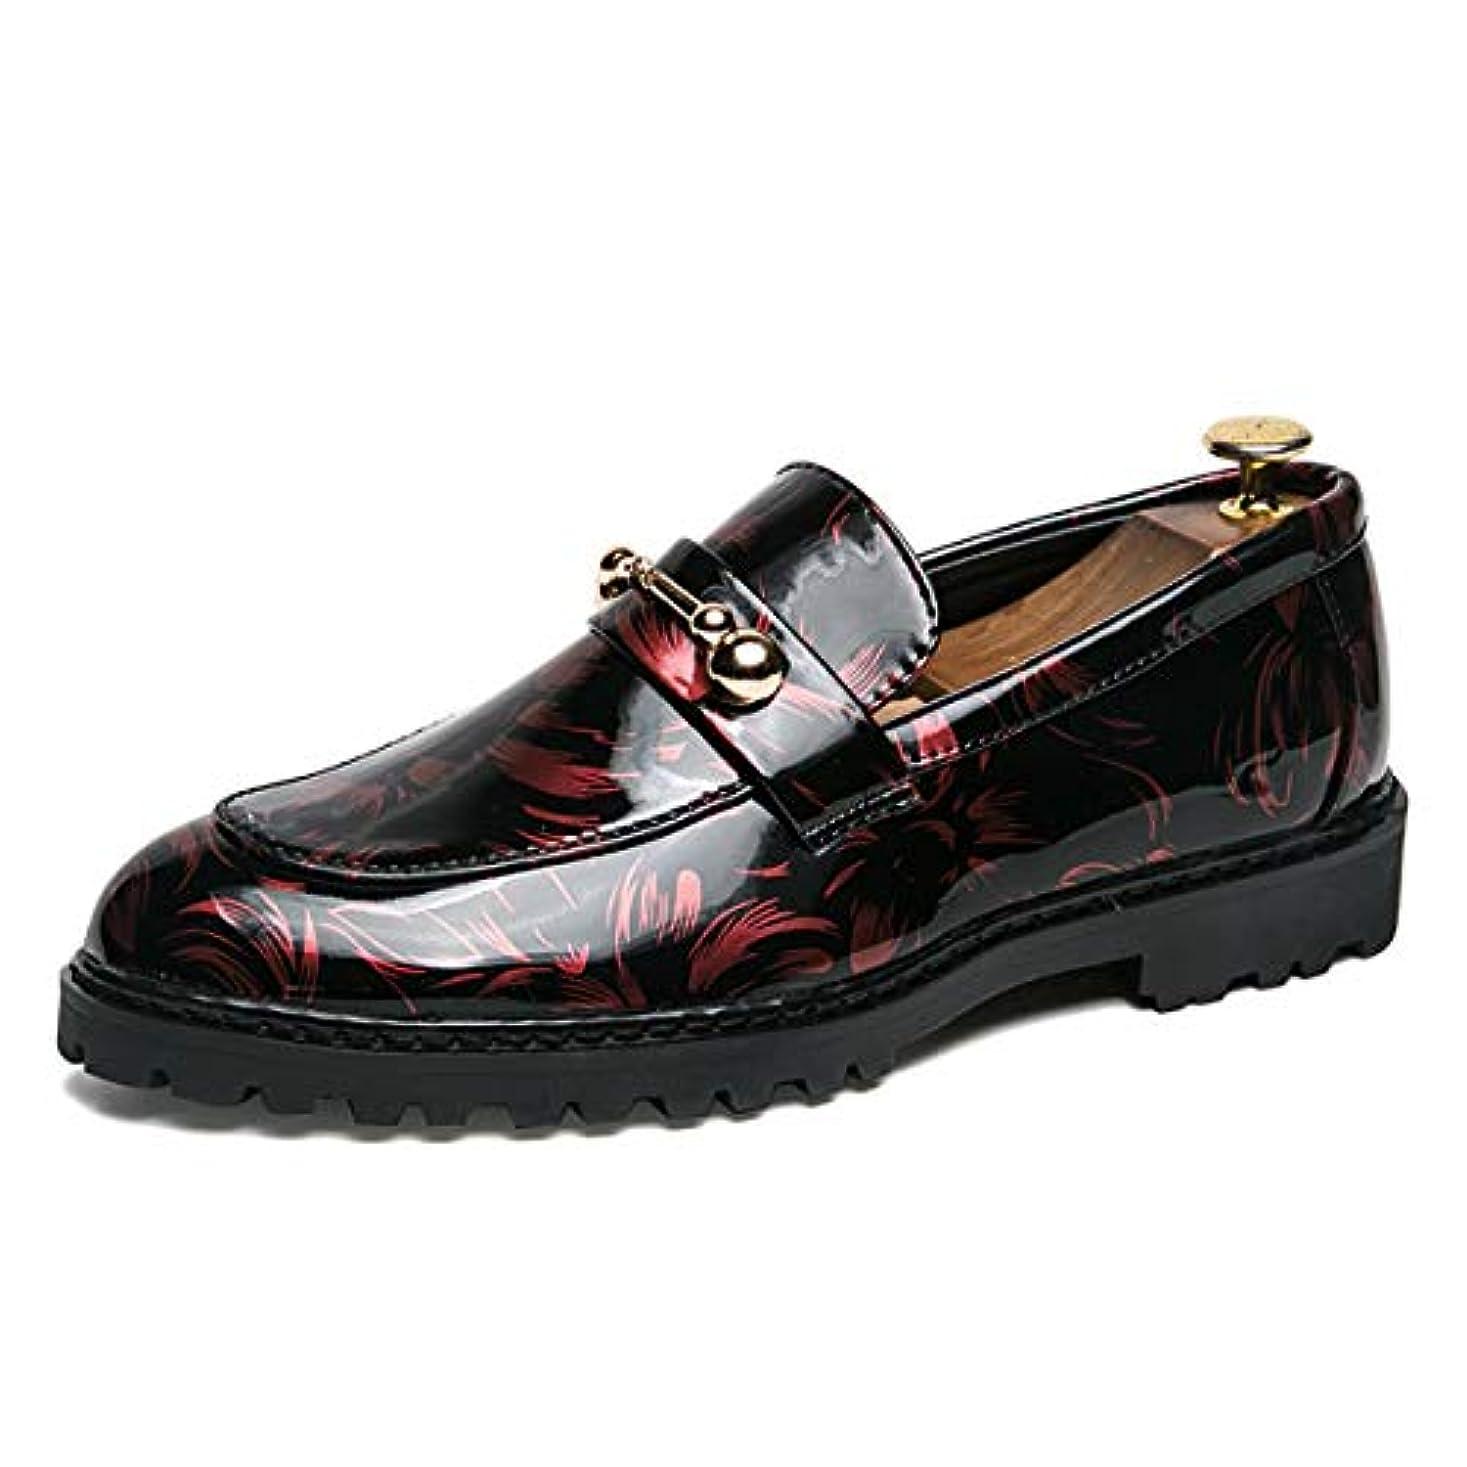 浸した直接境界[Poly] メンズシューズ レザーシューズ ドレスシューズ ビジネスシューズ カジュアル靴 紳士靴 ハイヒール エナメル ストレートチップ G-R5086